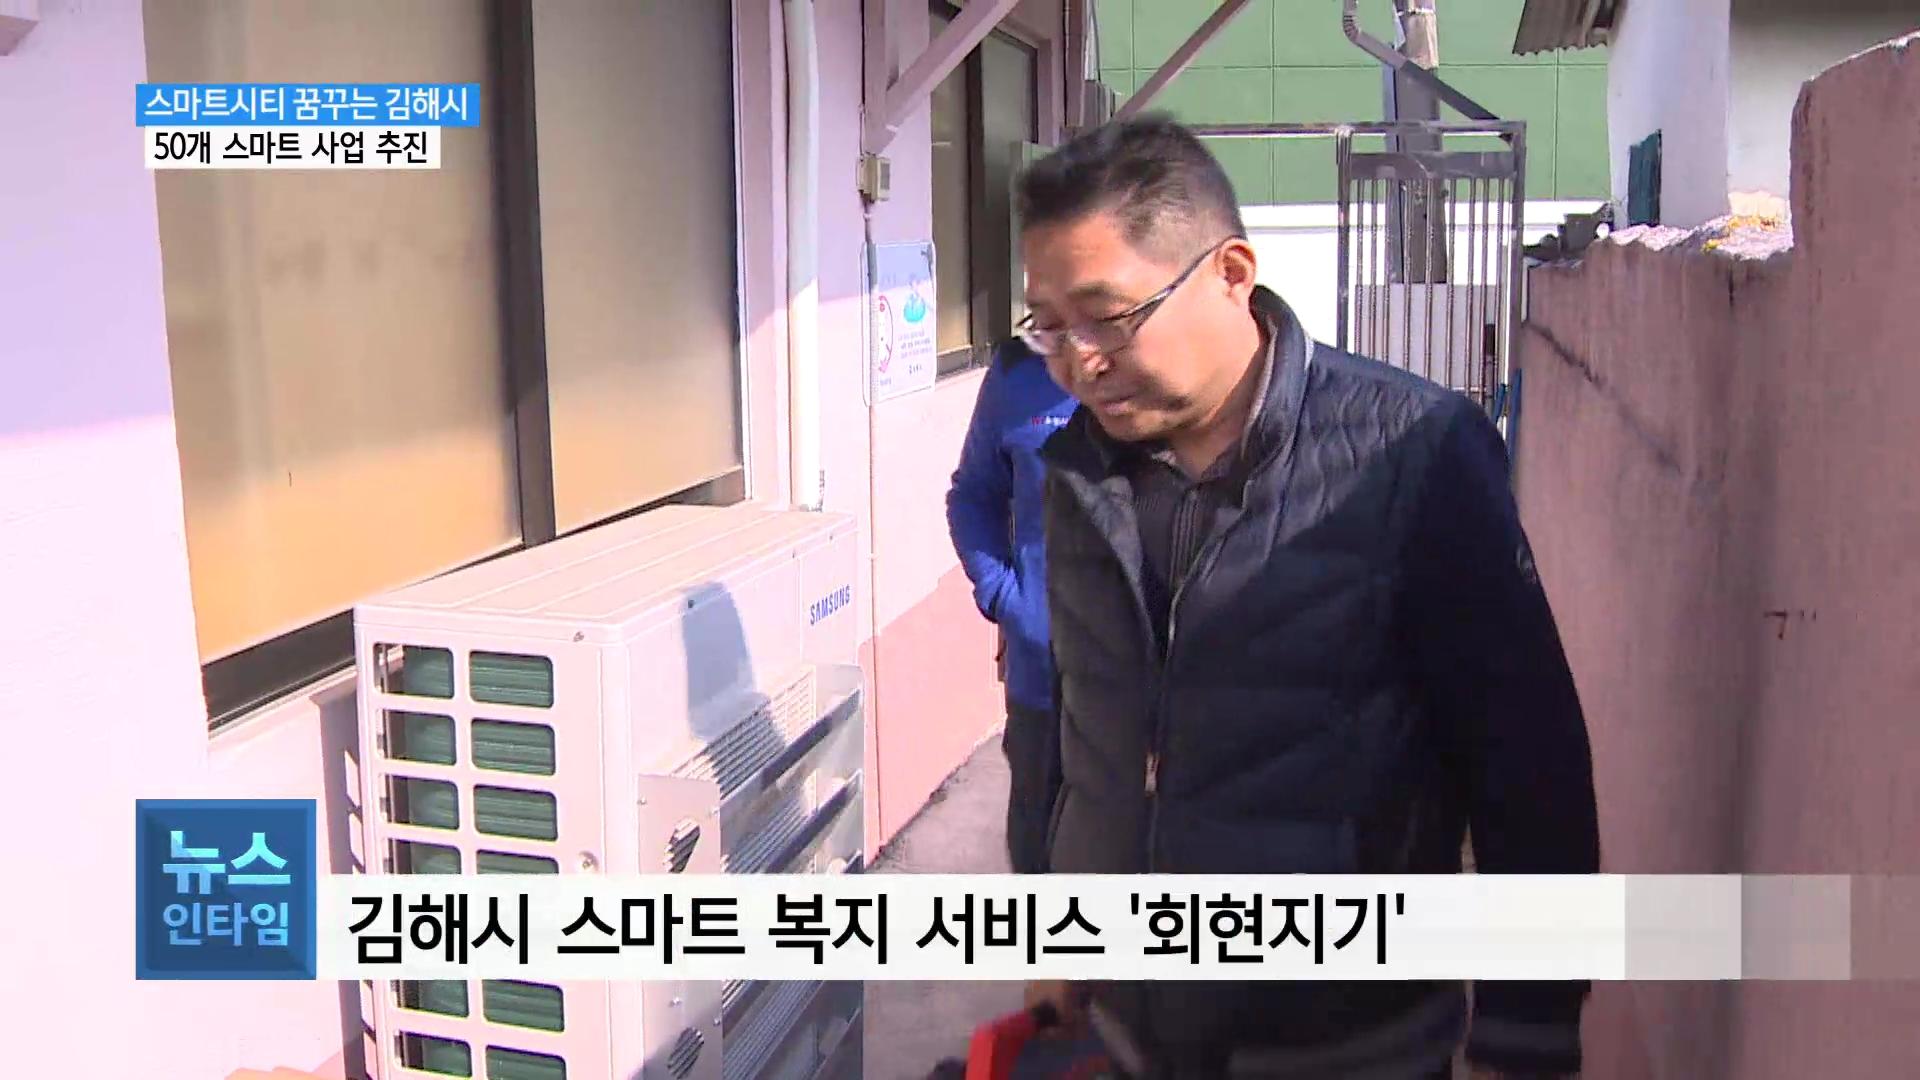 (경남R) 50개 사업으로 만드는 '스마트 김해' 어떻게 바뀔까 사진